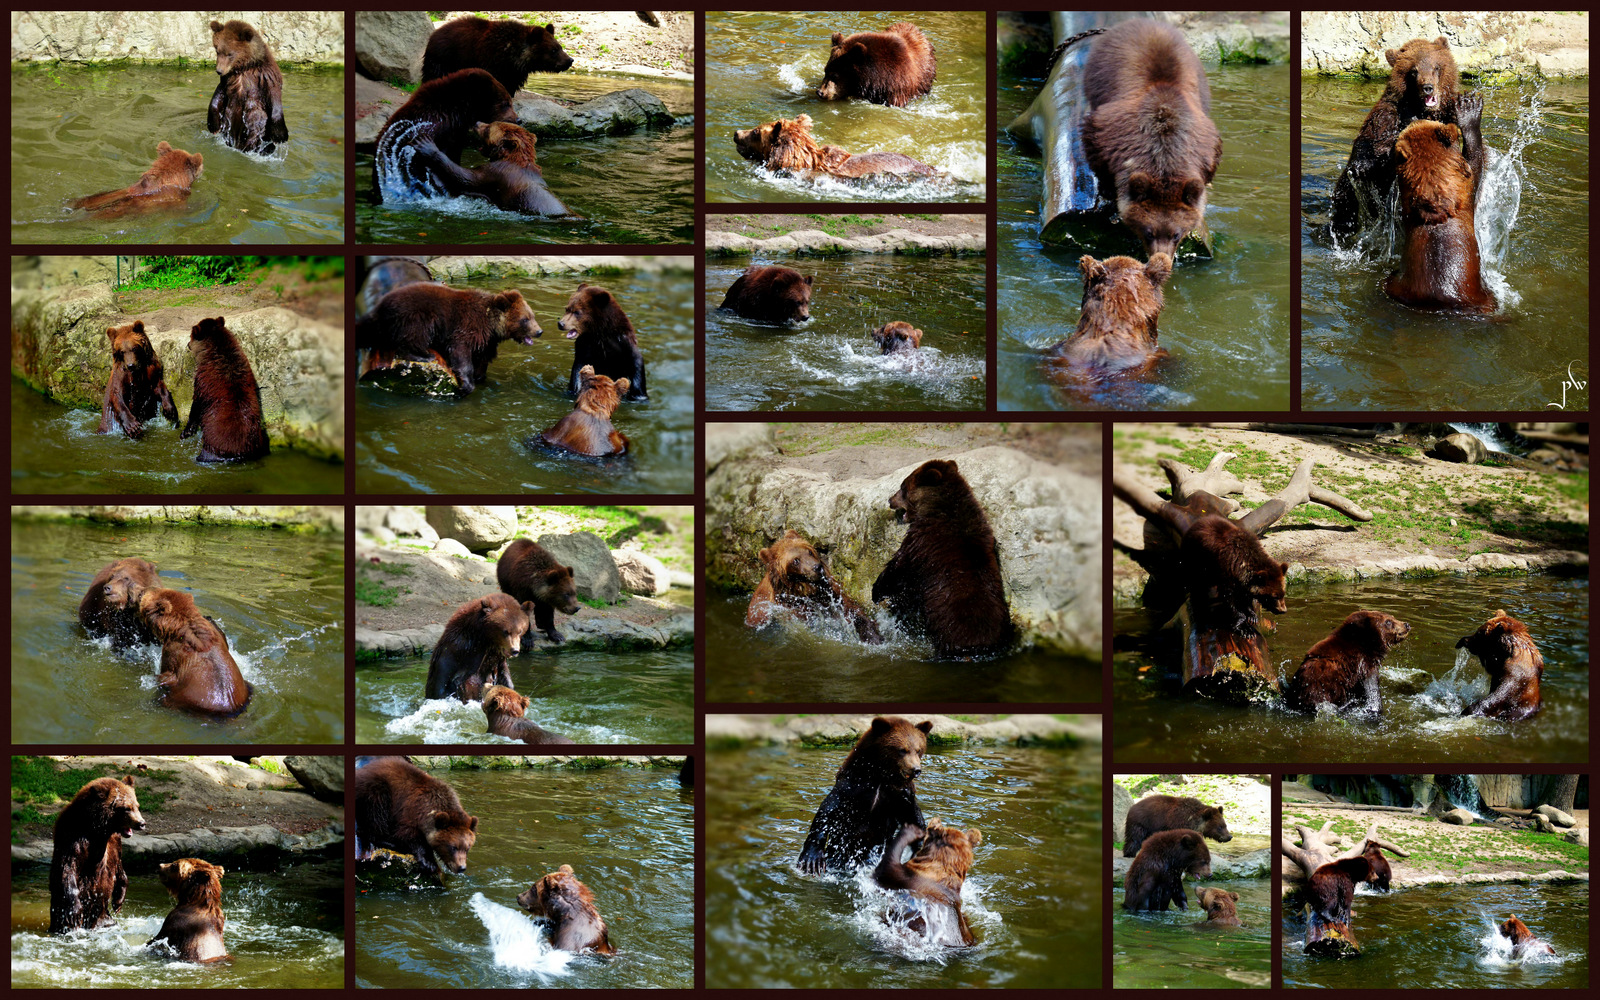 Bären bei Hagenbeck  -  Drei junge Braunbären beim Spielen